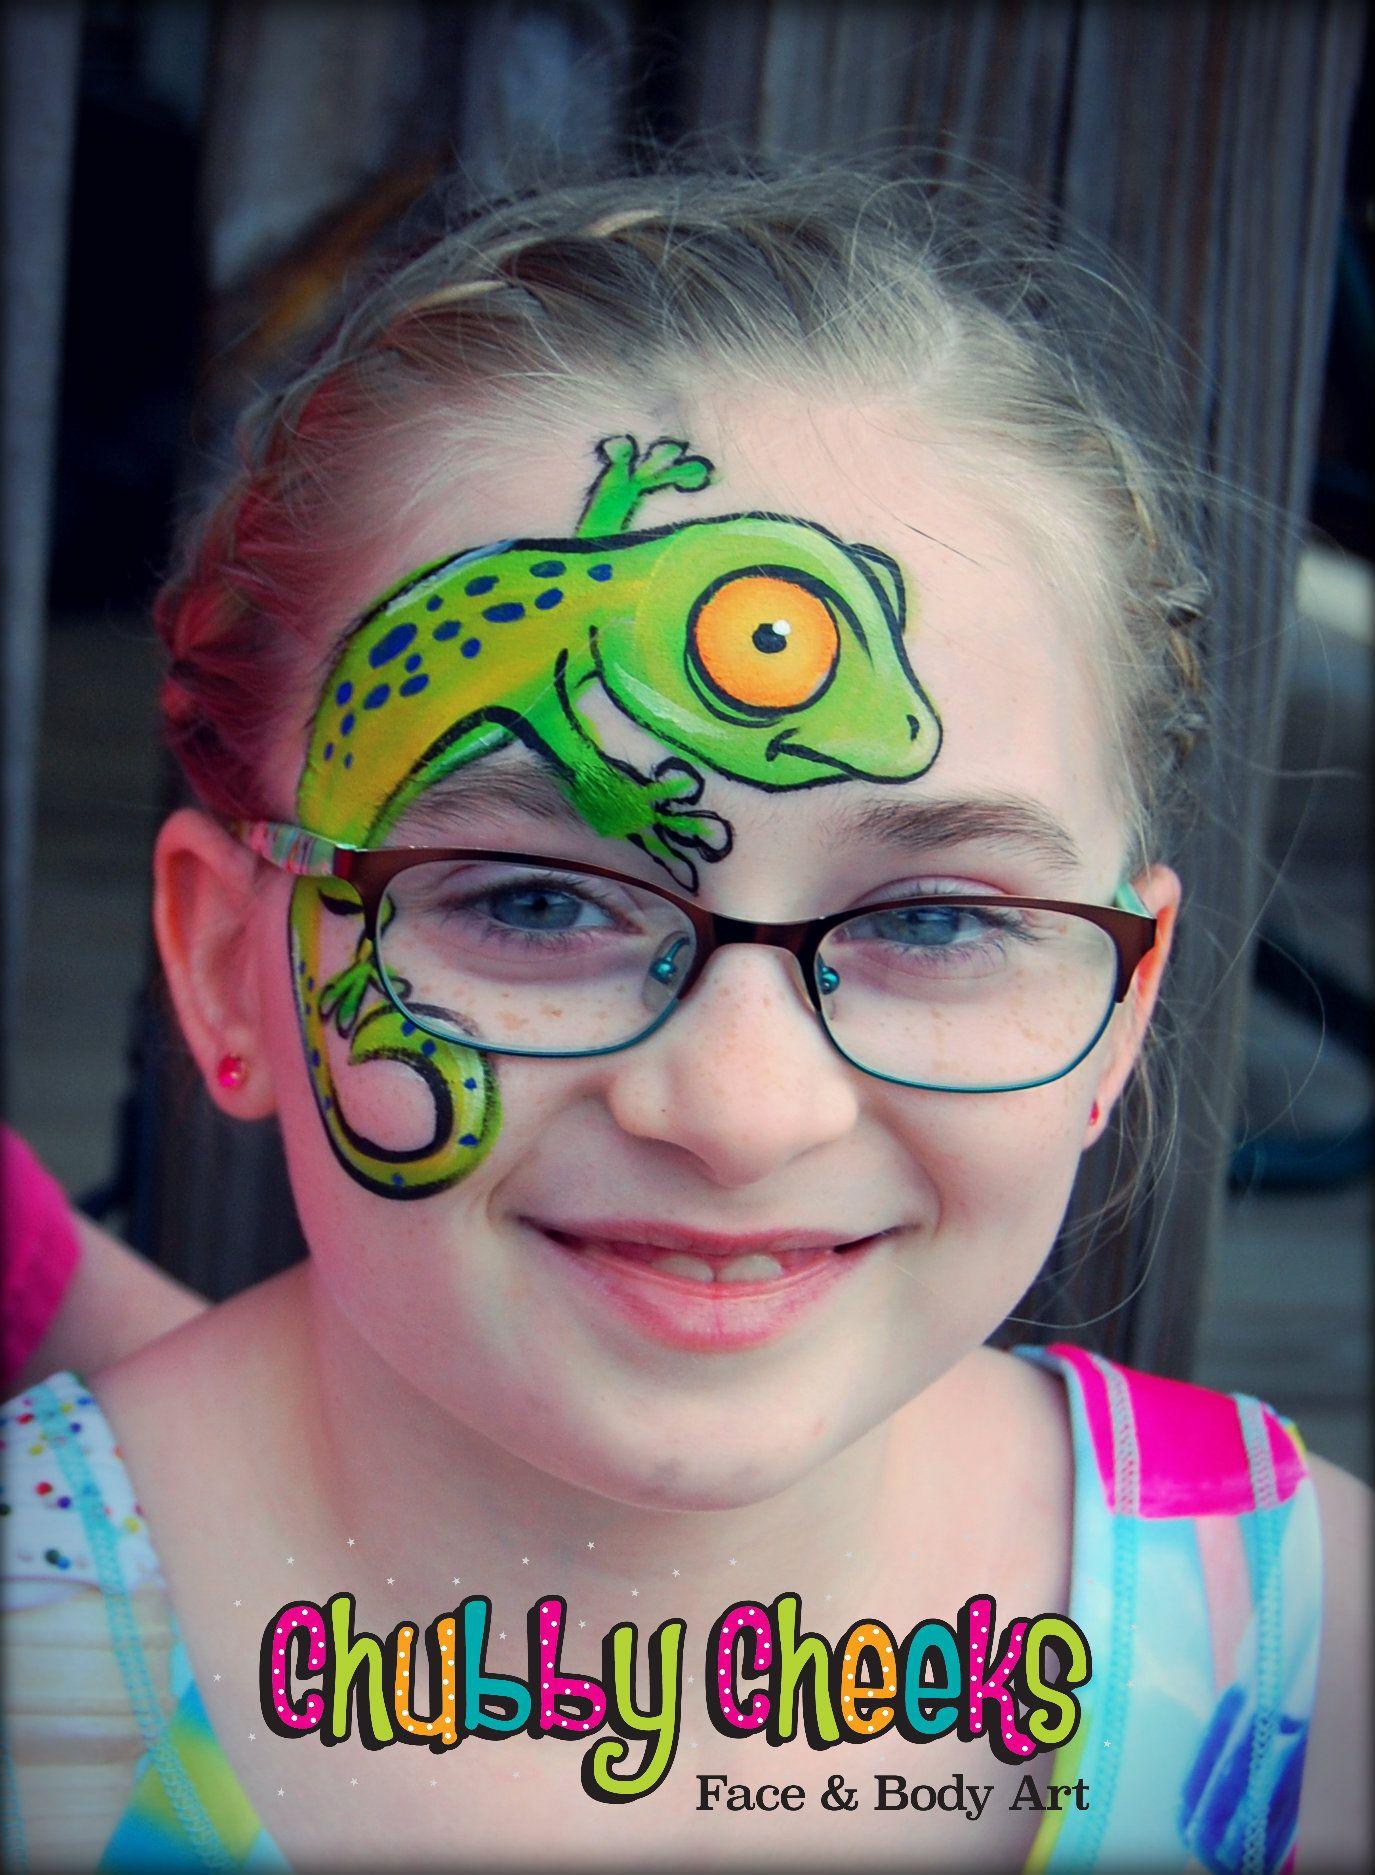 Gecko Face Paint : gecko, paint, ChubbyCheeksFABA, #indiana, #face, #painter, #lizard, #faceandbodyart, #green, #reptile, Kinder, Schminken,, Kinderschminken,, Schminken